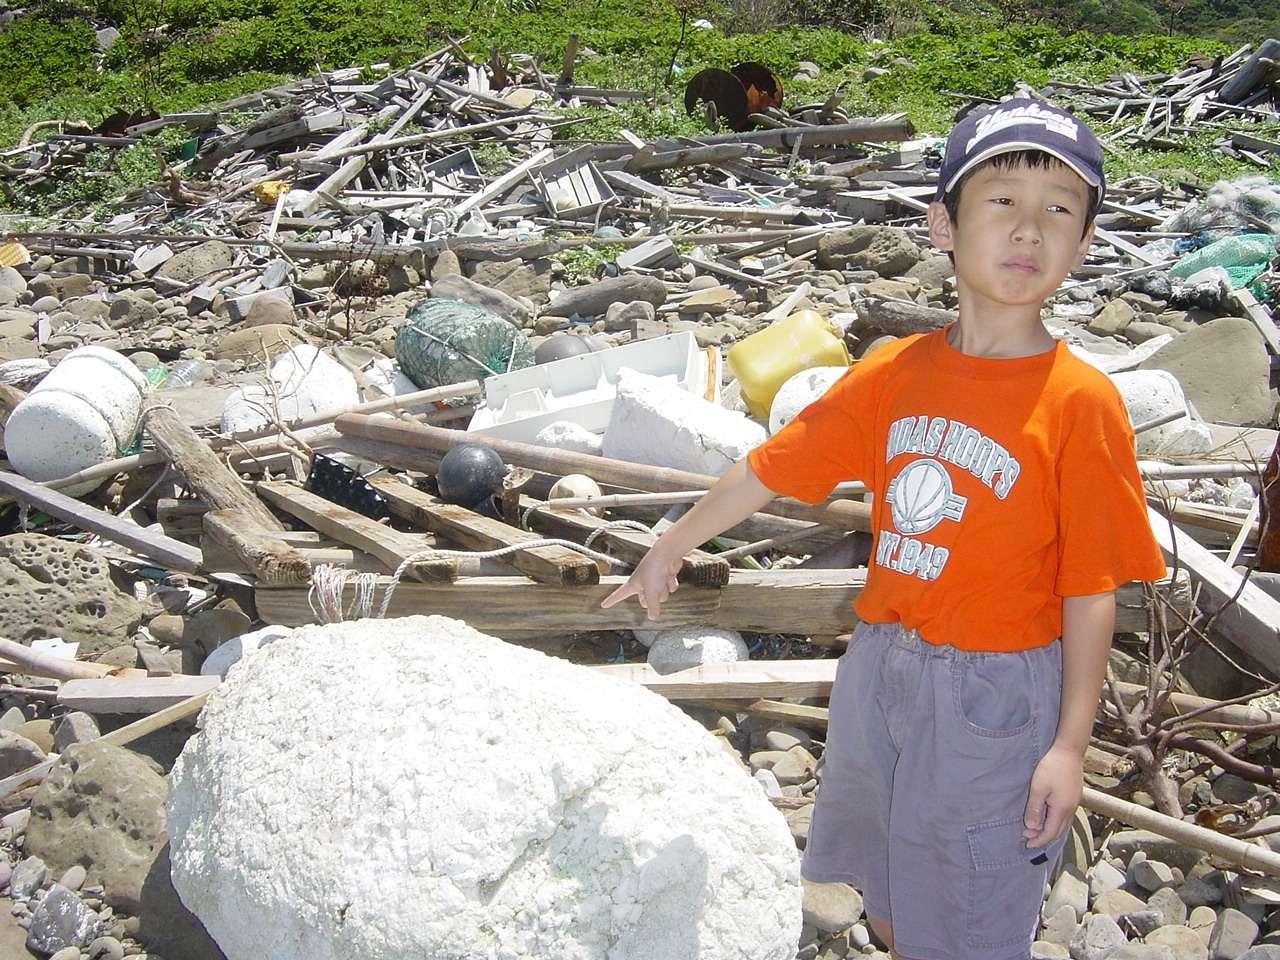 Un exemple de la pollution des côtes du Japon par les plastiques. Notez l'énorme bloc de polystyrène expansé. Crédit : Katsuhiko Saido